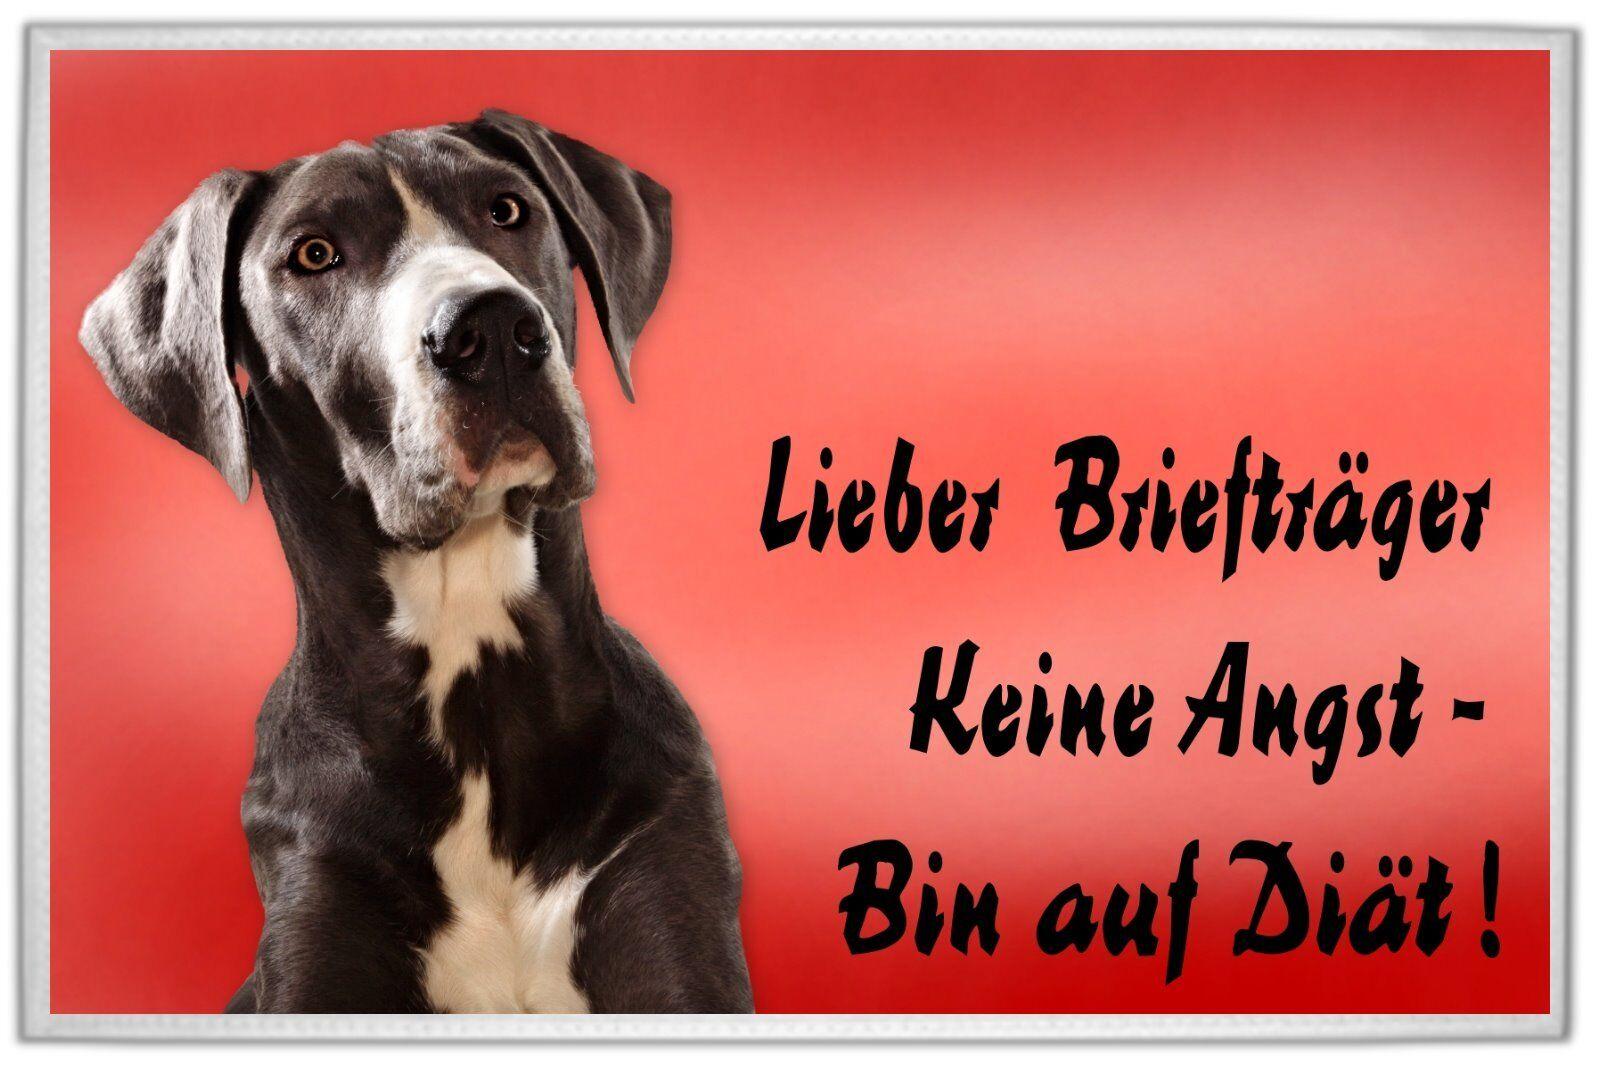 Deutsche Dogge       FUßMATTE  FUßABTRETER  TÜRVORLEGER  ABTRETER 7346fd